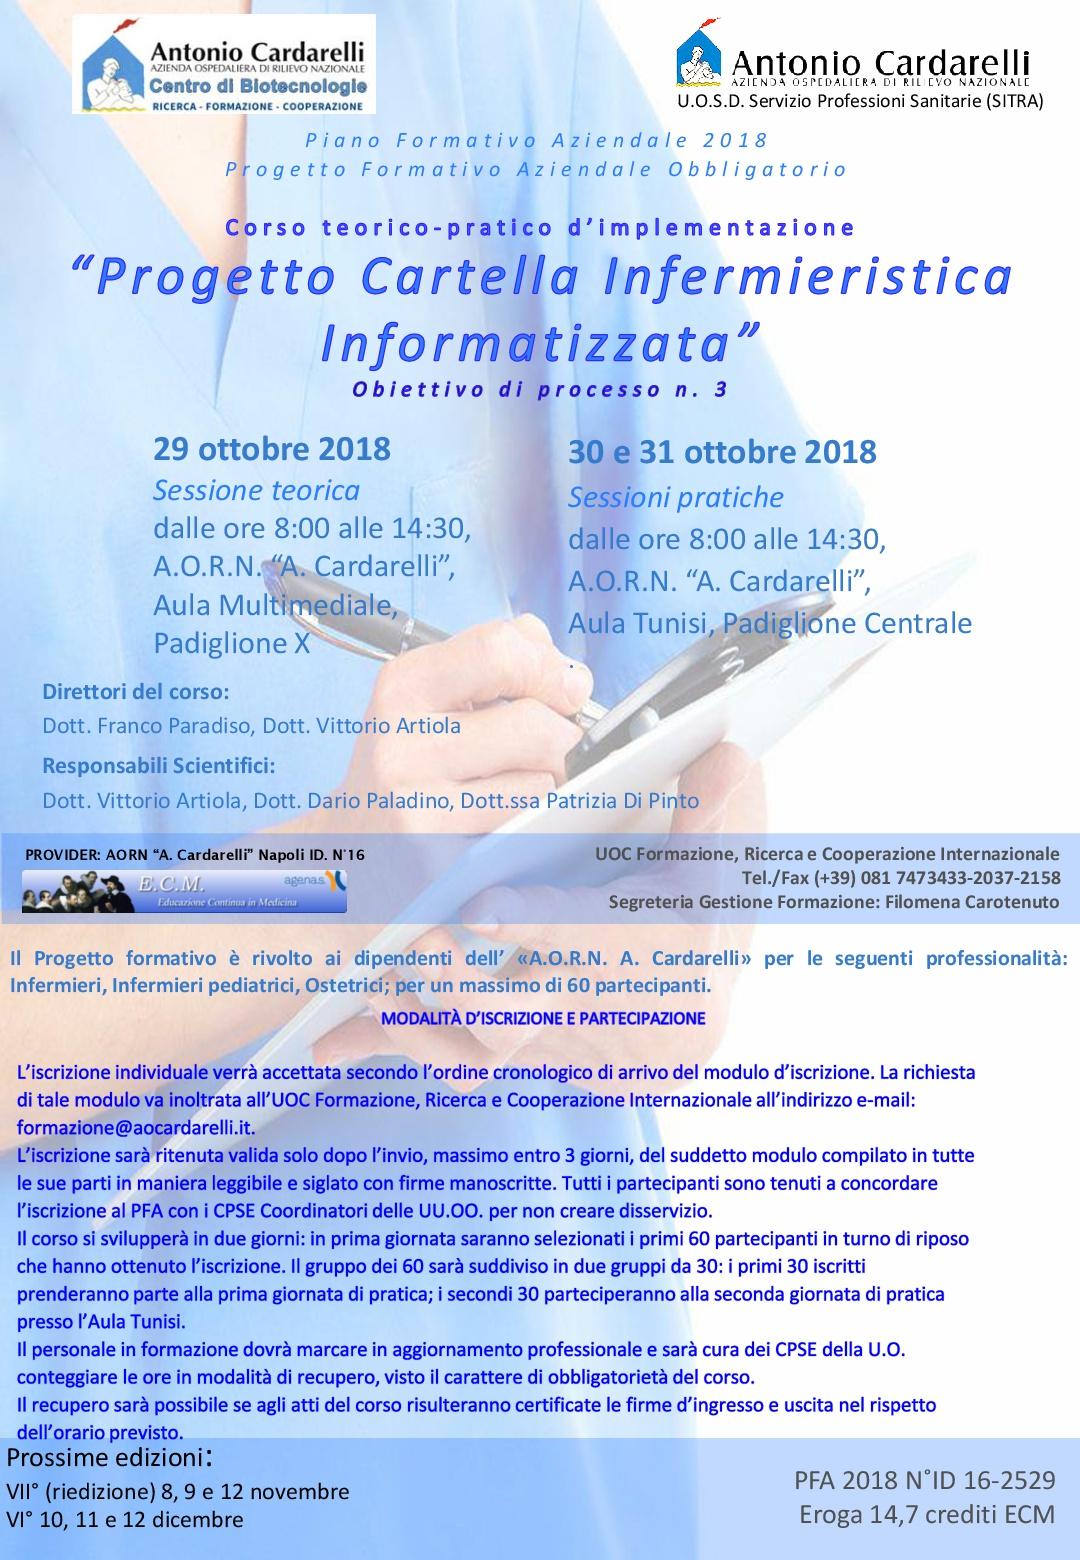 """Corso teorico-pratico d'implementazione """"Progetto Cartella Infermieristica Informatizzata"""""""